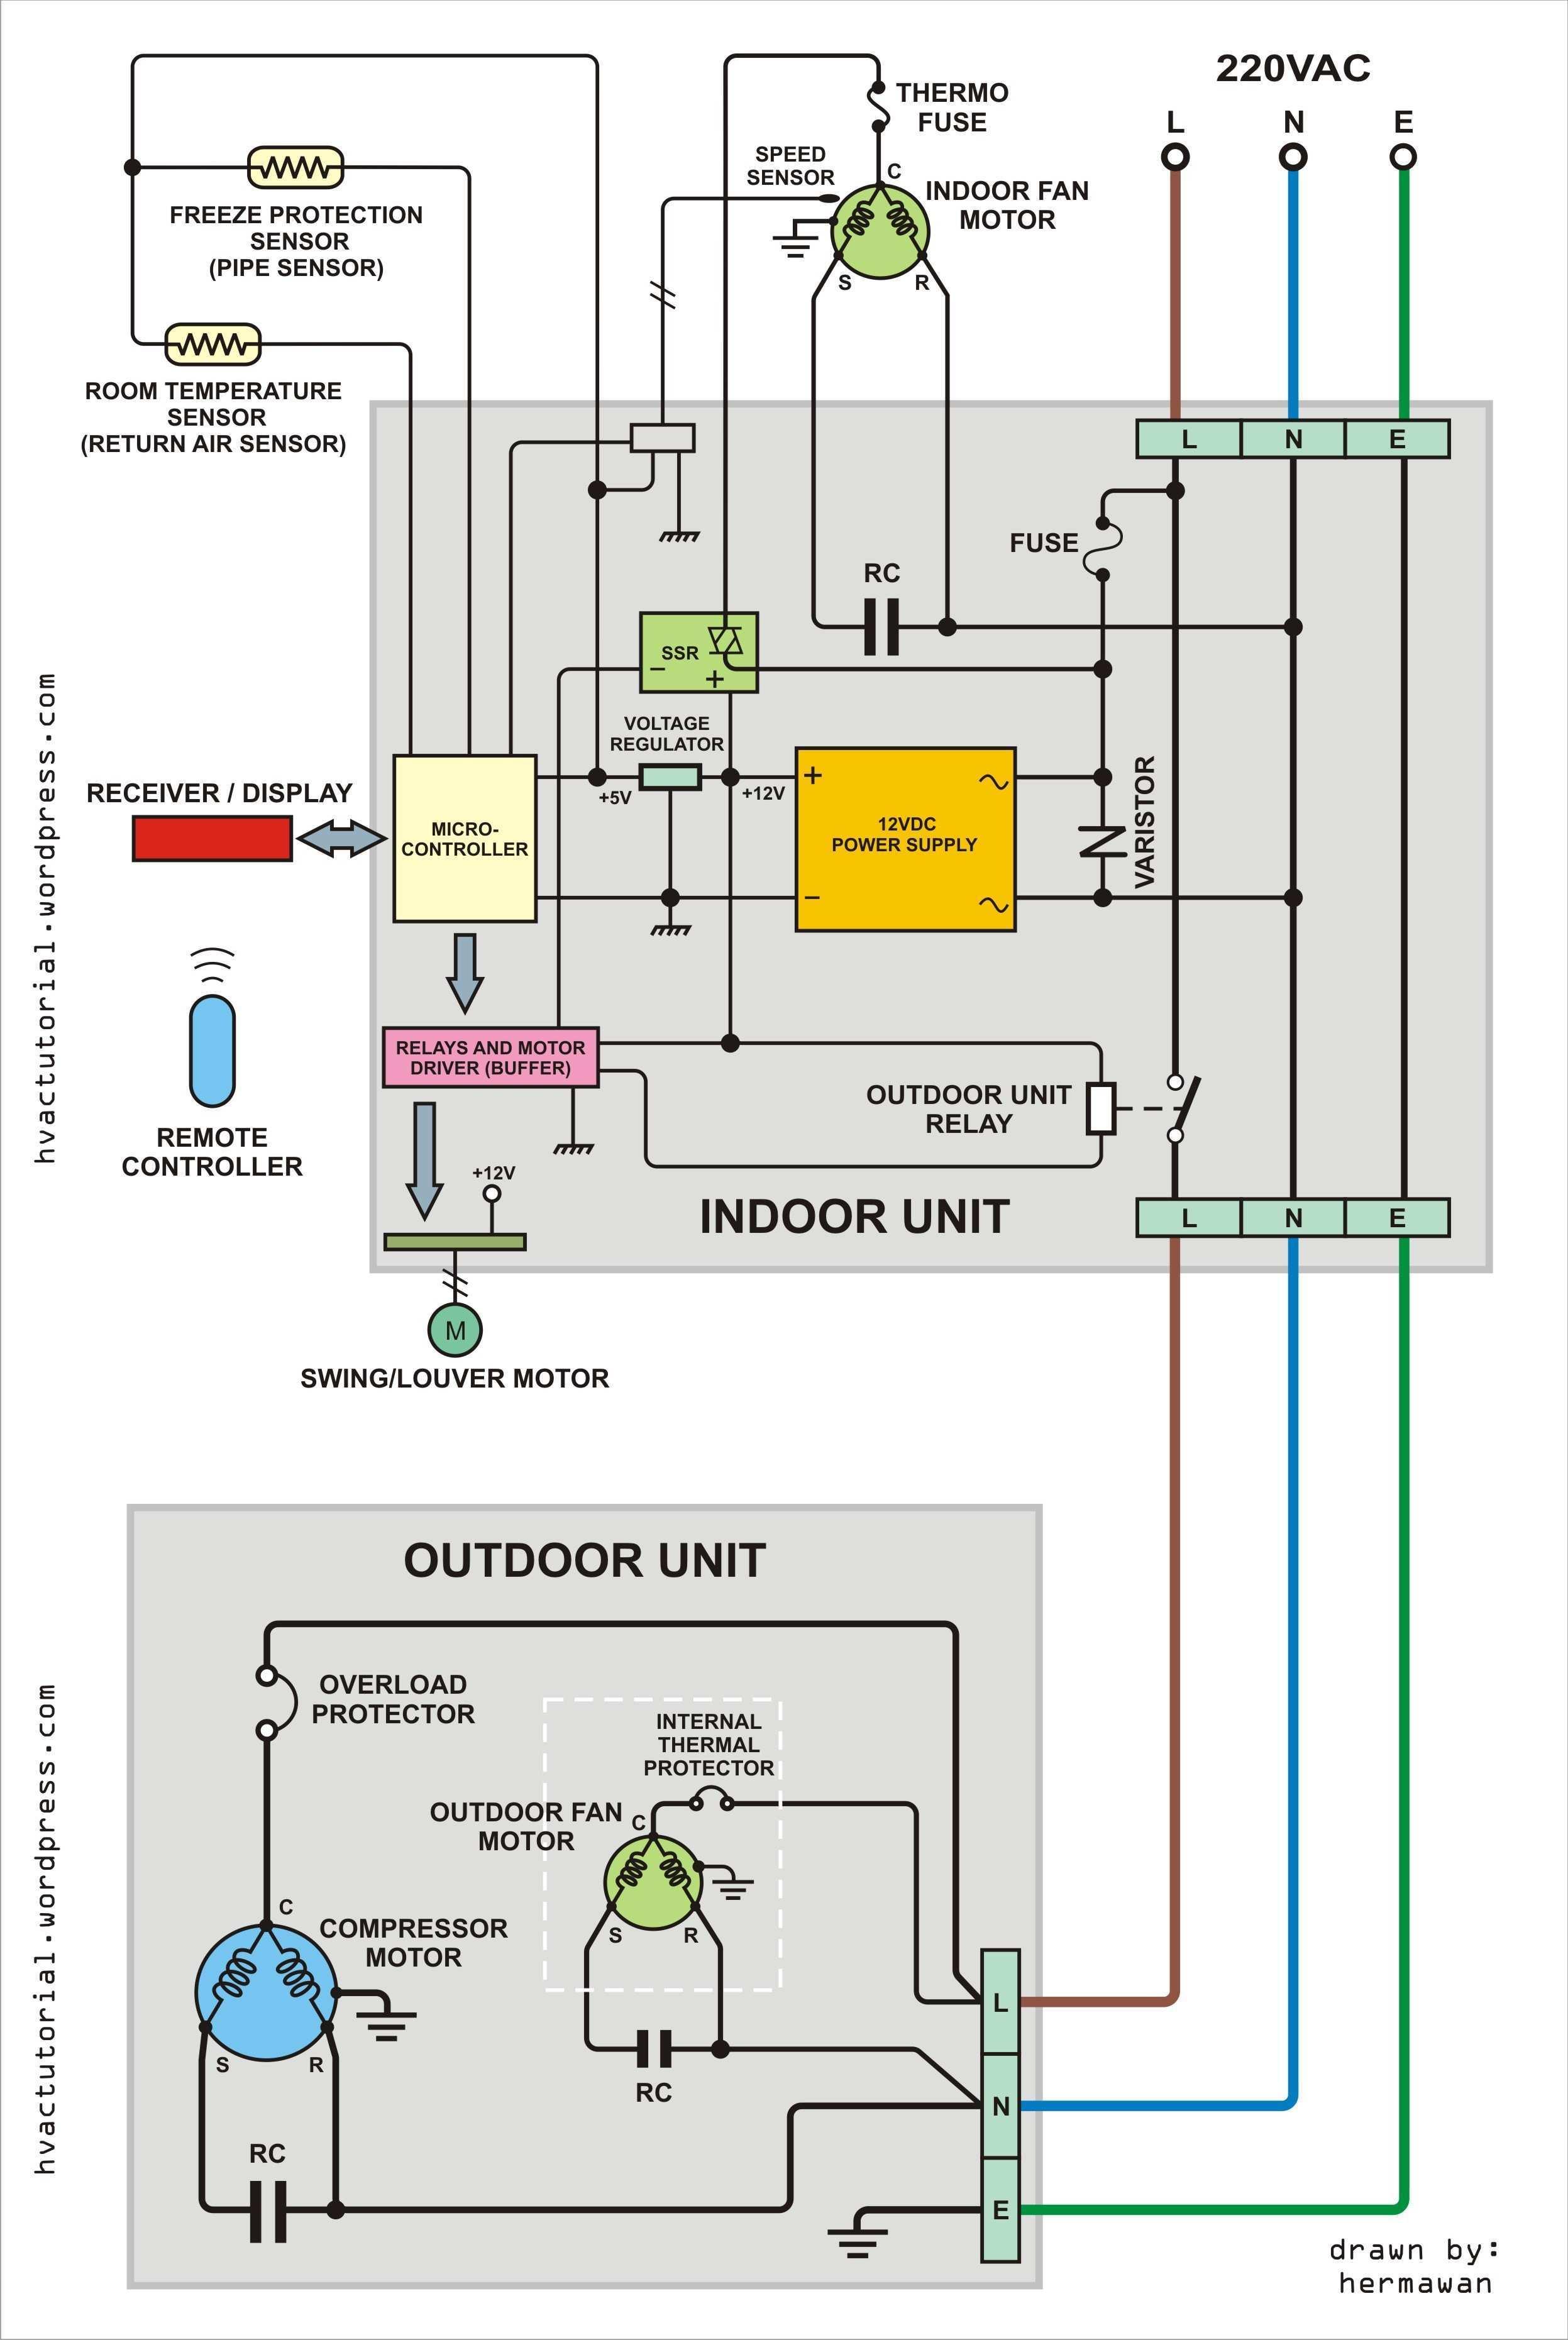 Air Compressor Wiring Diagram 230V 1 Phase | Manual E-Books - Air Compressor Wiring Diagram 230V 1 Phase